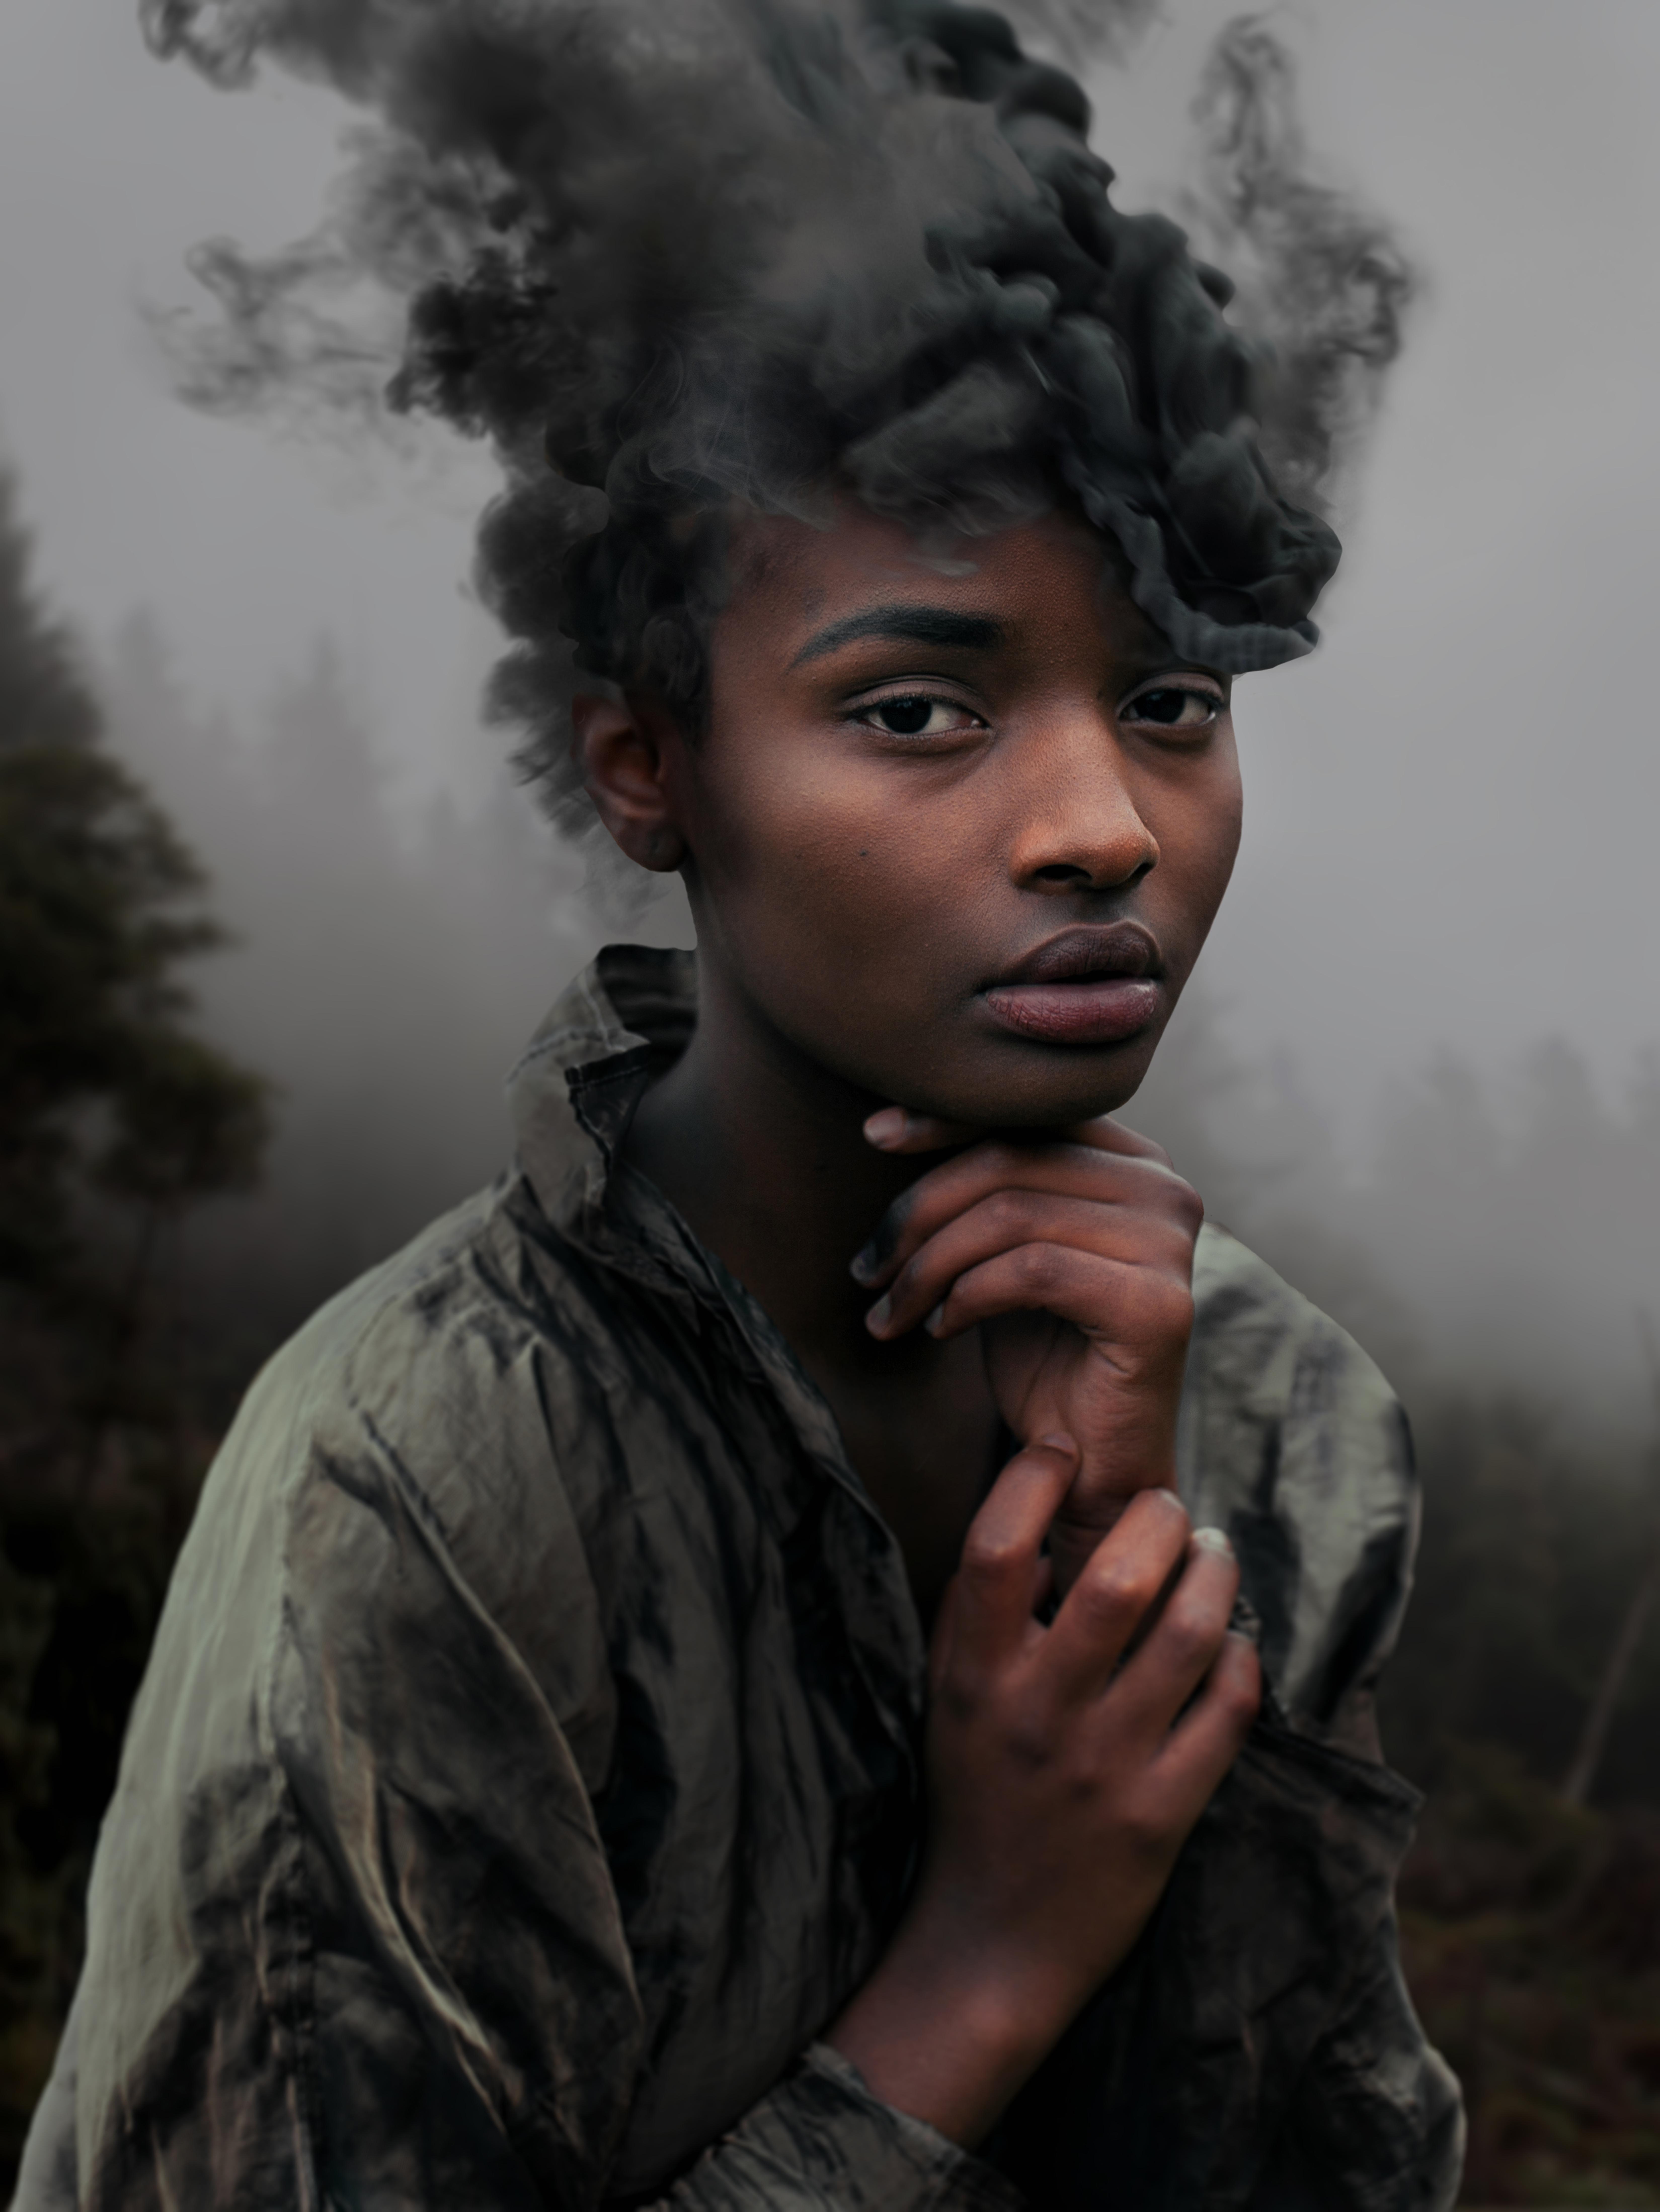 David Uzochukwu, Wildfiret - Courtesy Galerie Number 8